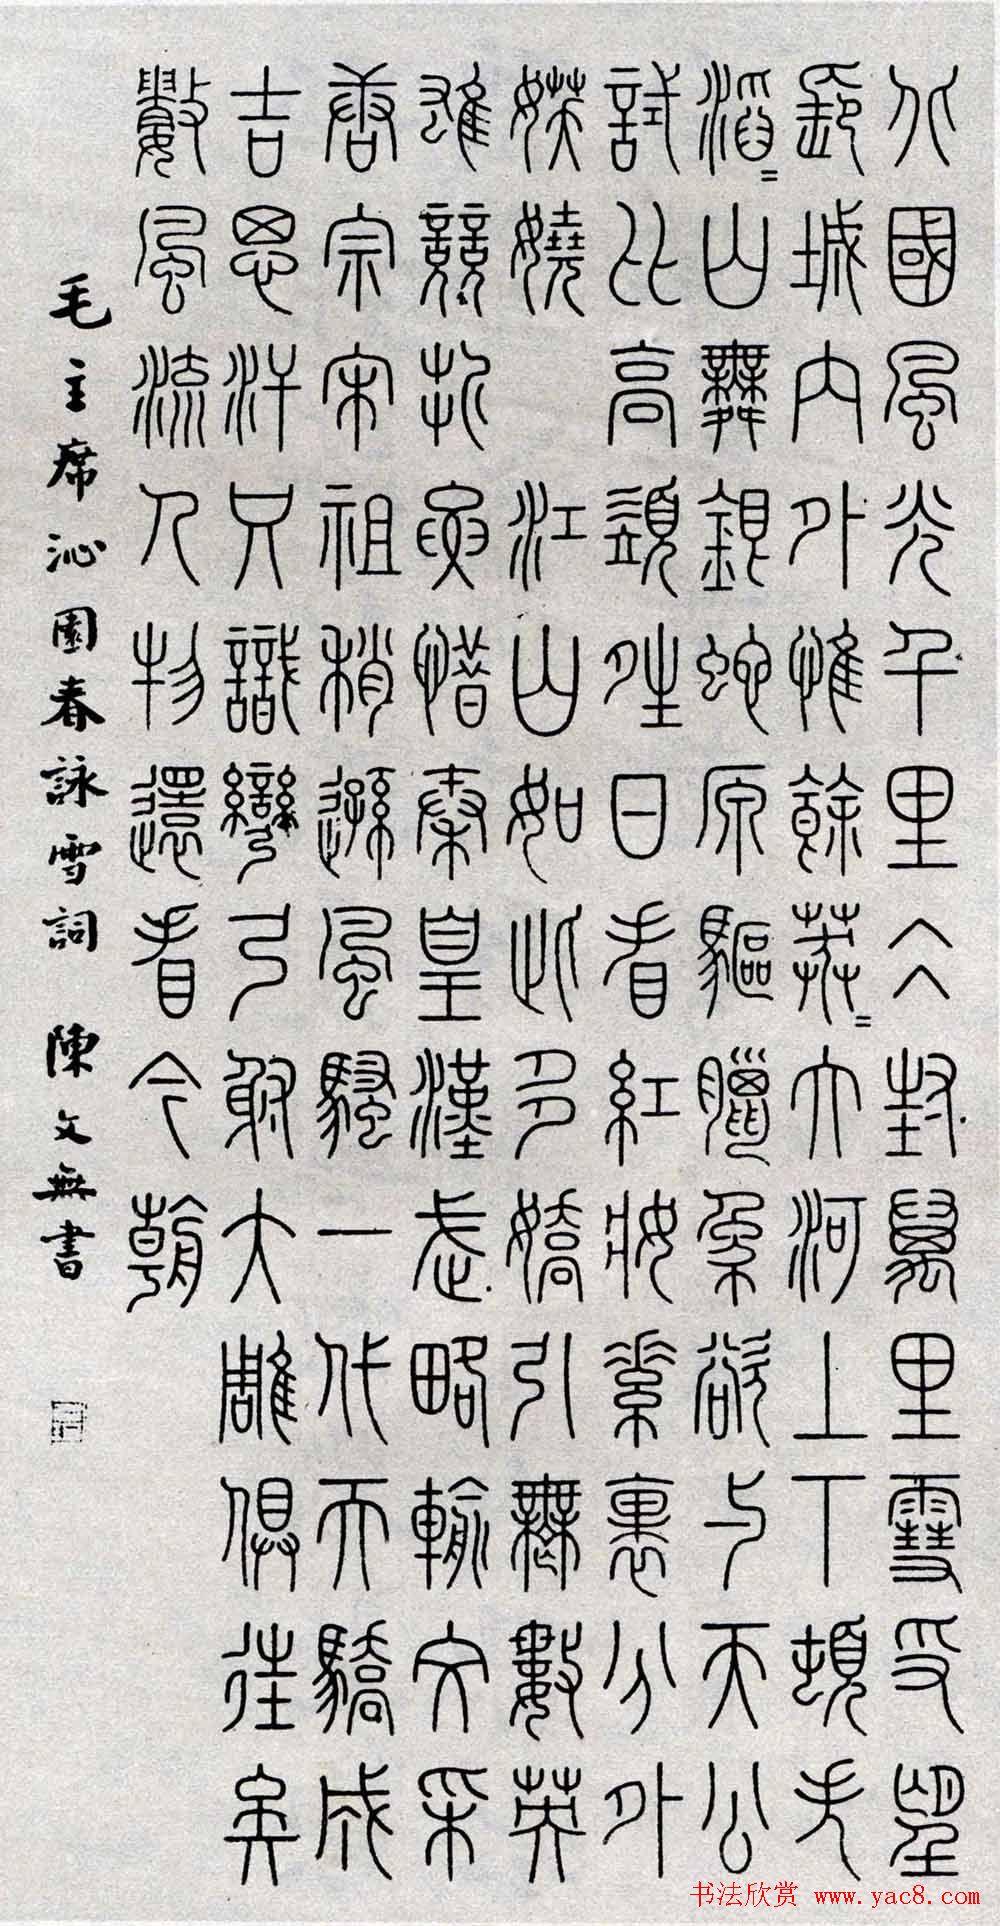 陈文无篆书作品沁园春 名家书法作品欣赏 毛主席诗词 第二-诗词沁园春